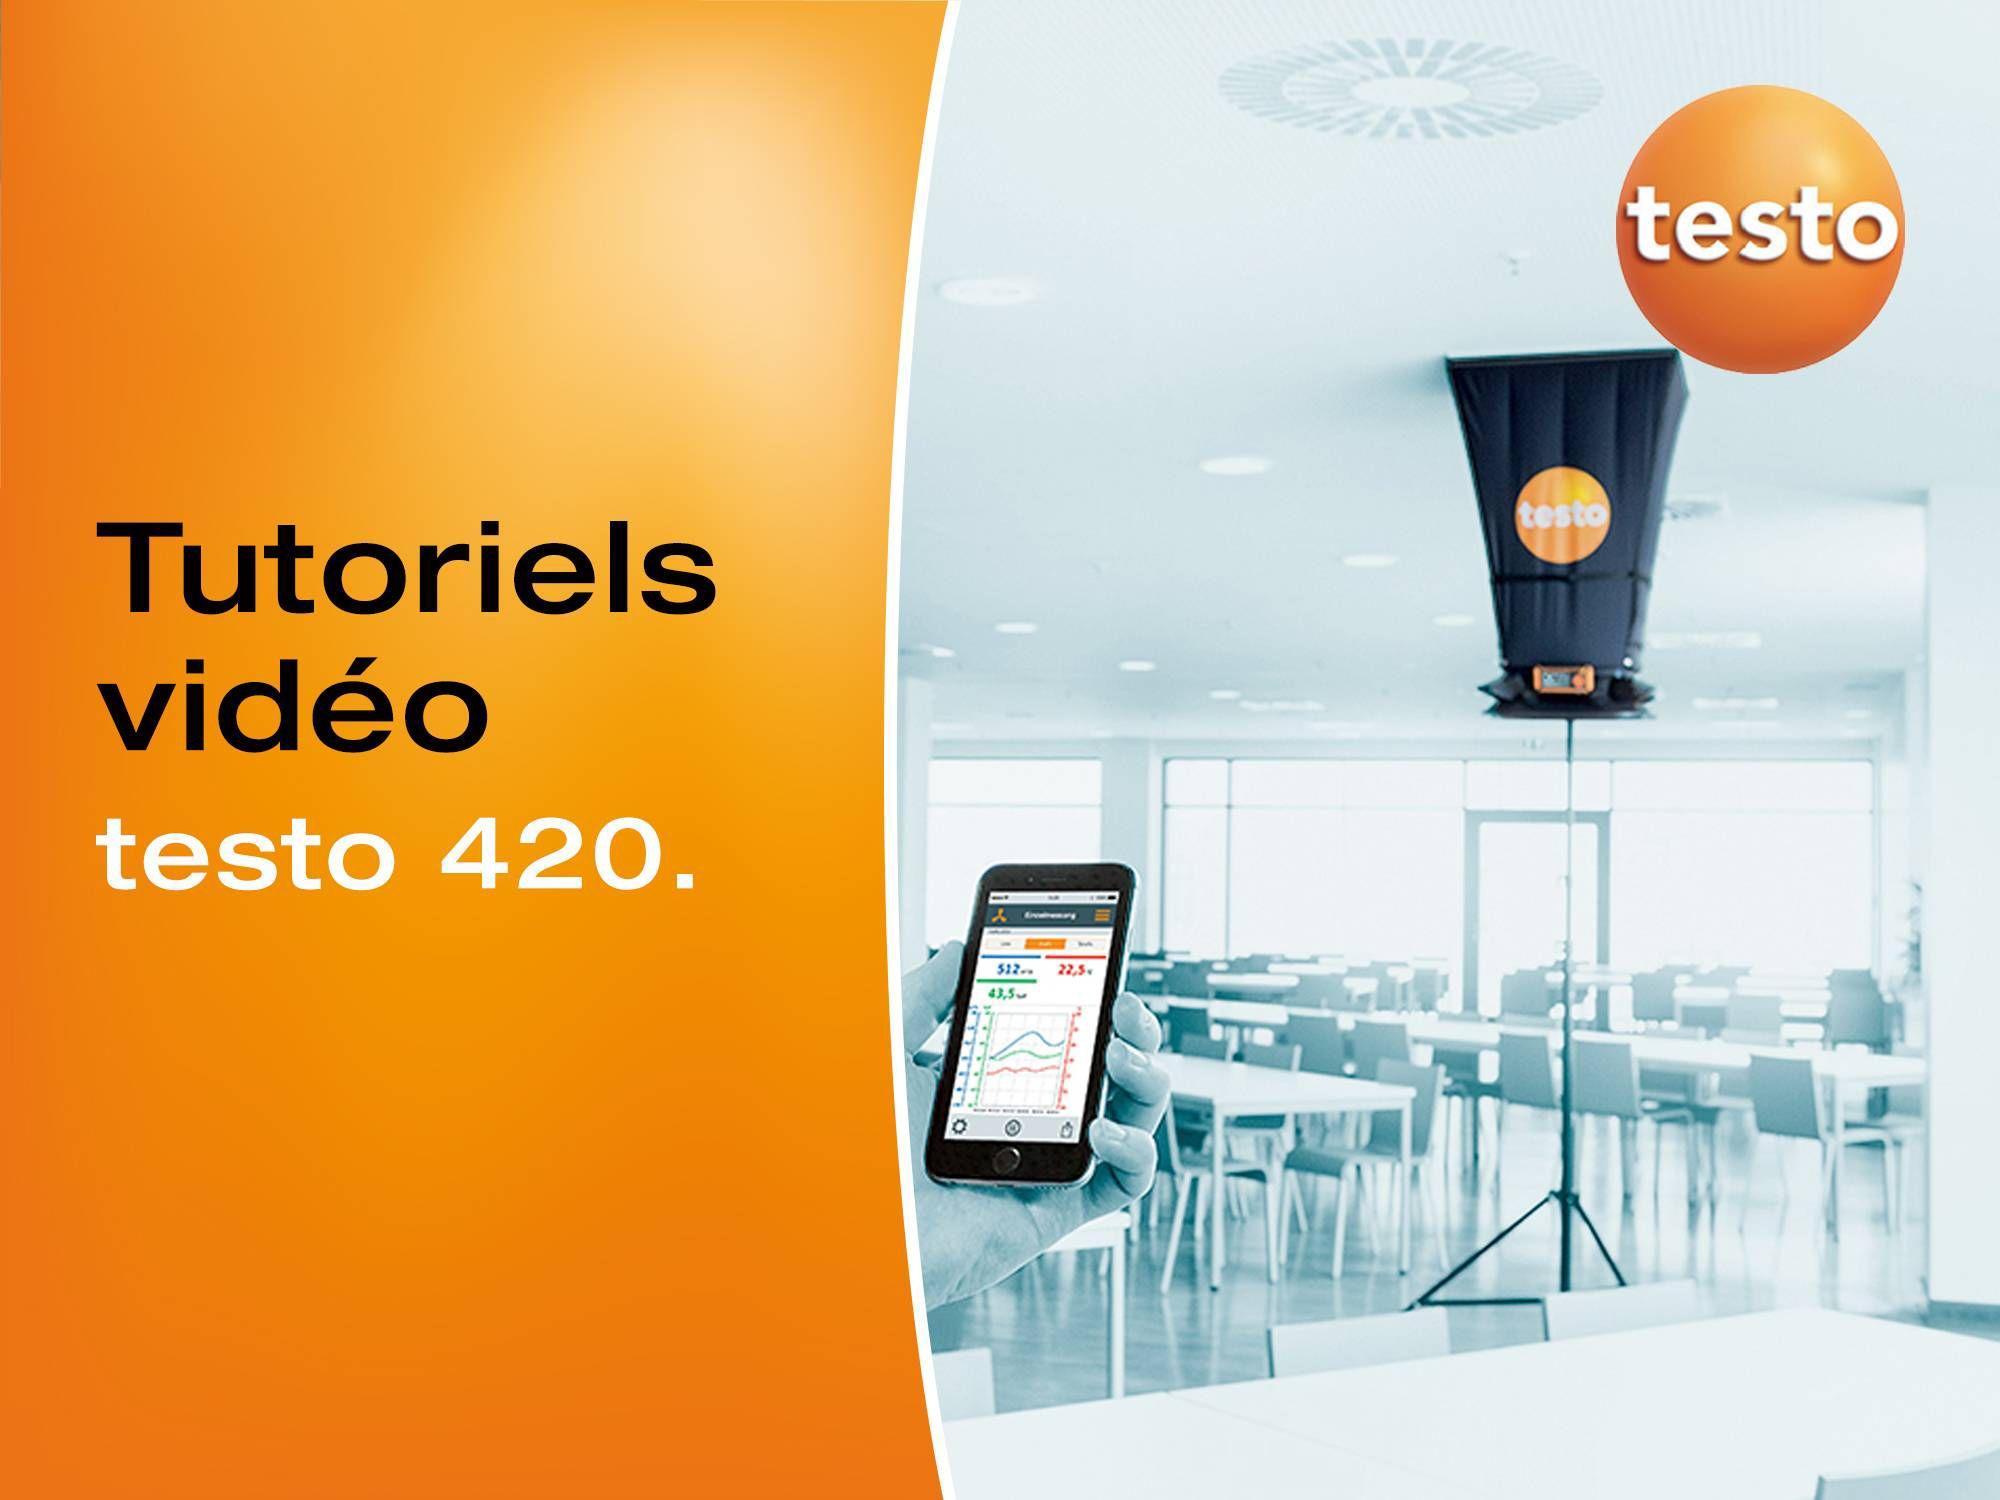 Tutoriel vidéo pour l'utilisation du balomètre testo 420